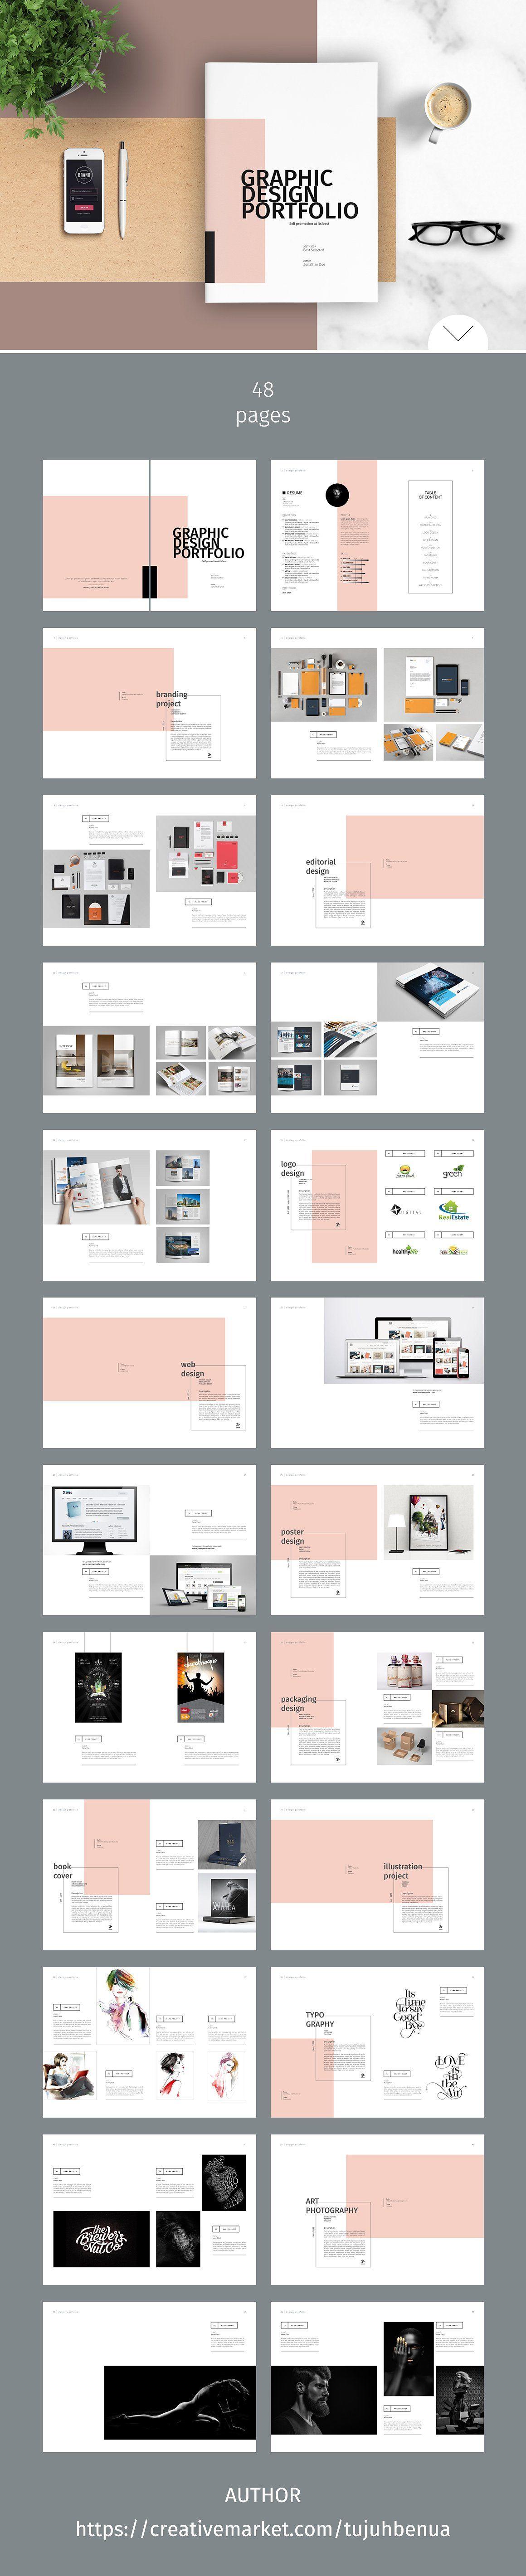 graphic design portfolio template by tujuhbenua on creativemarket